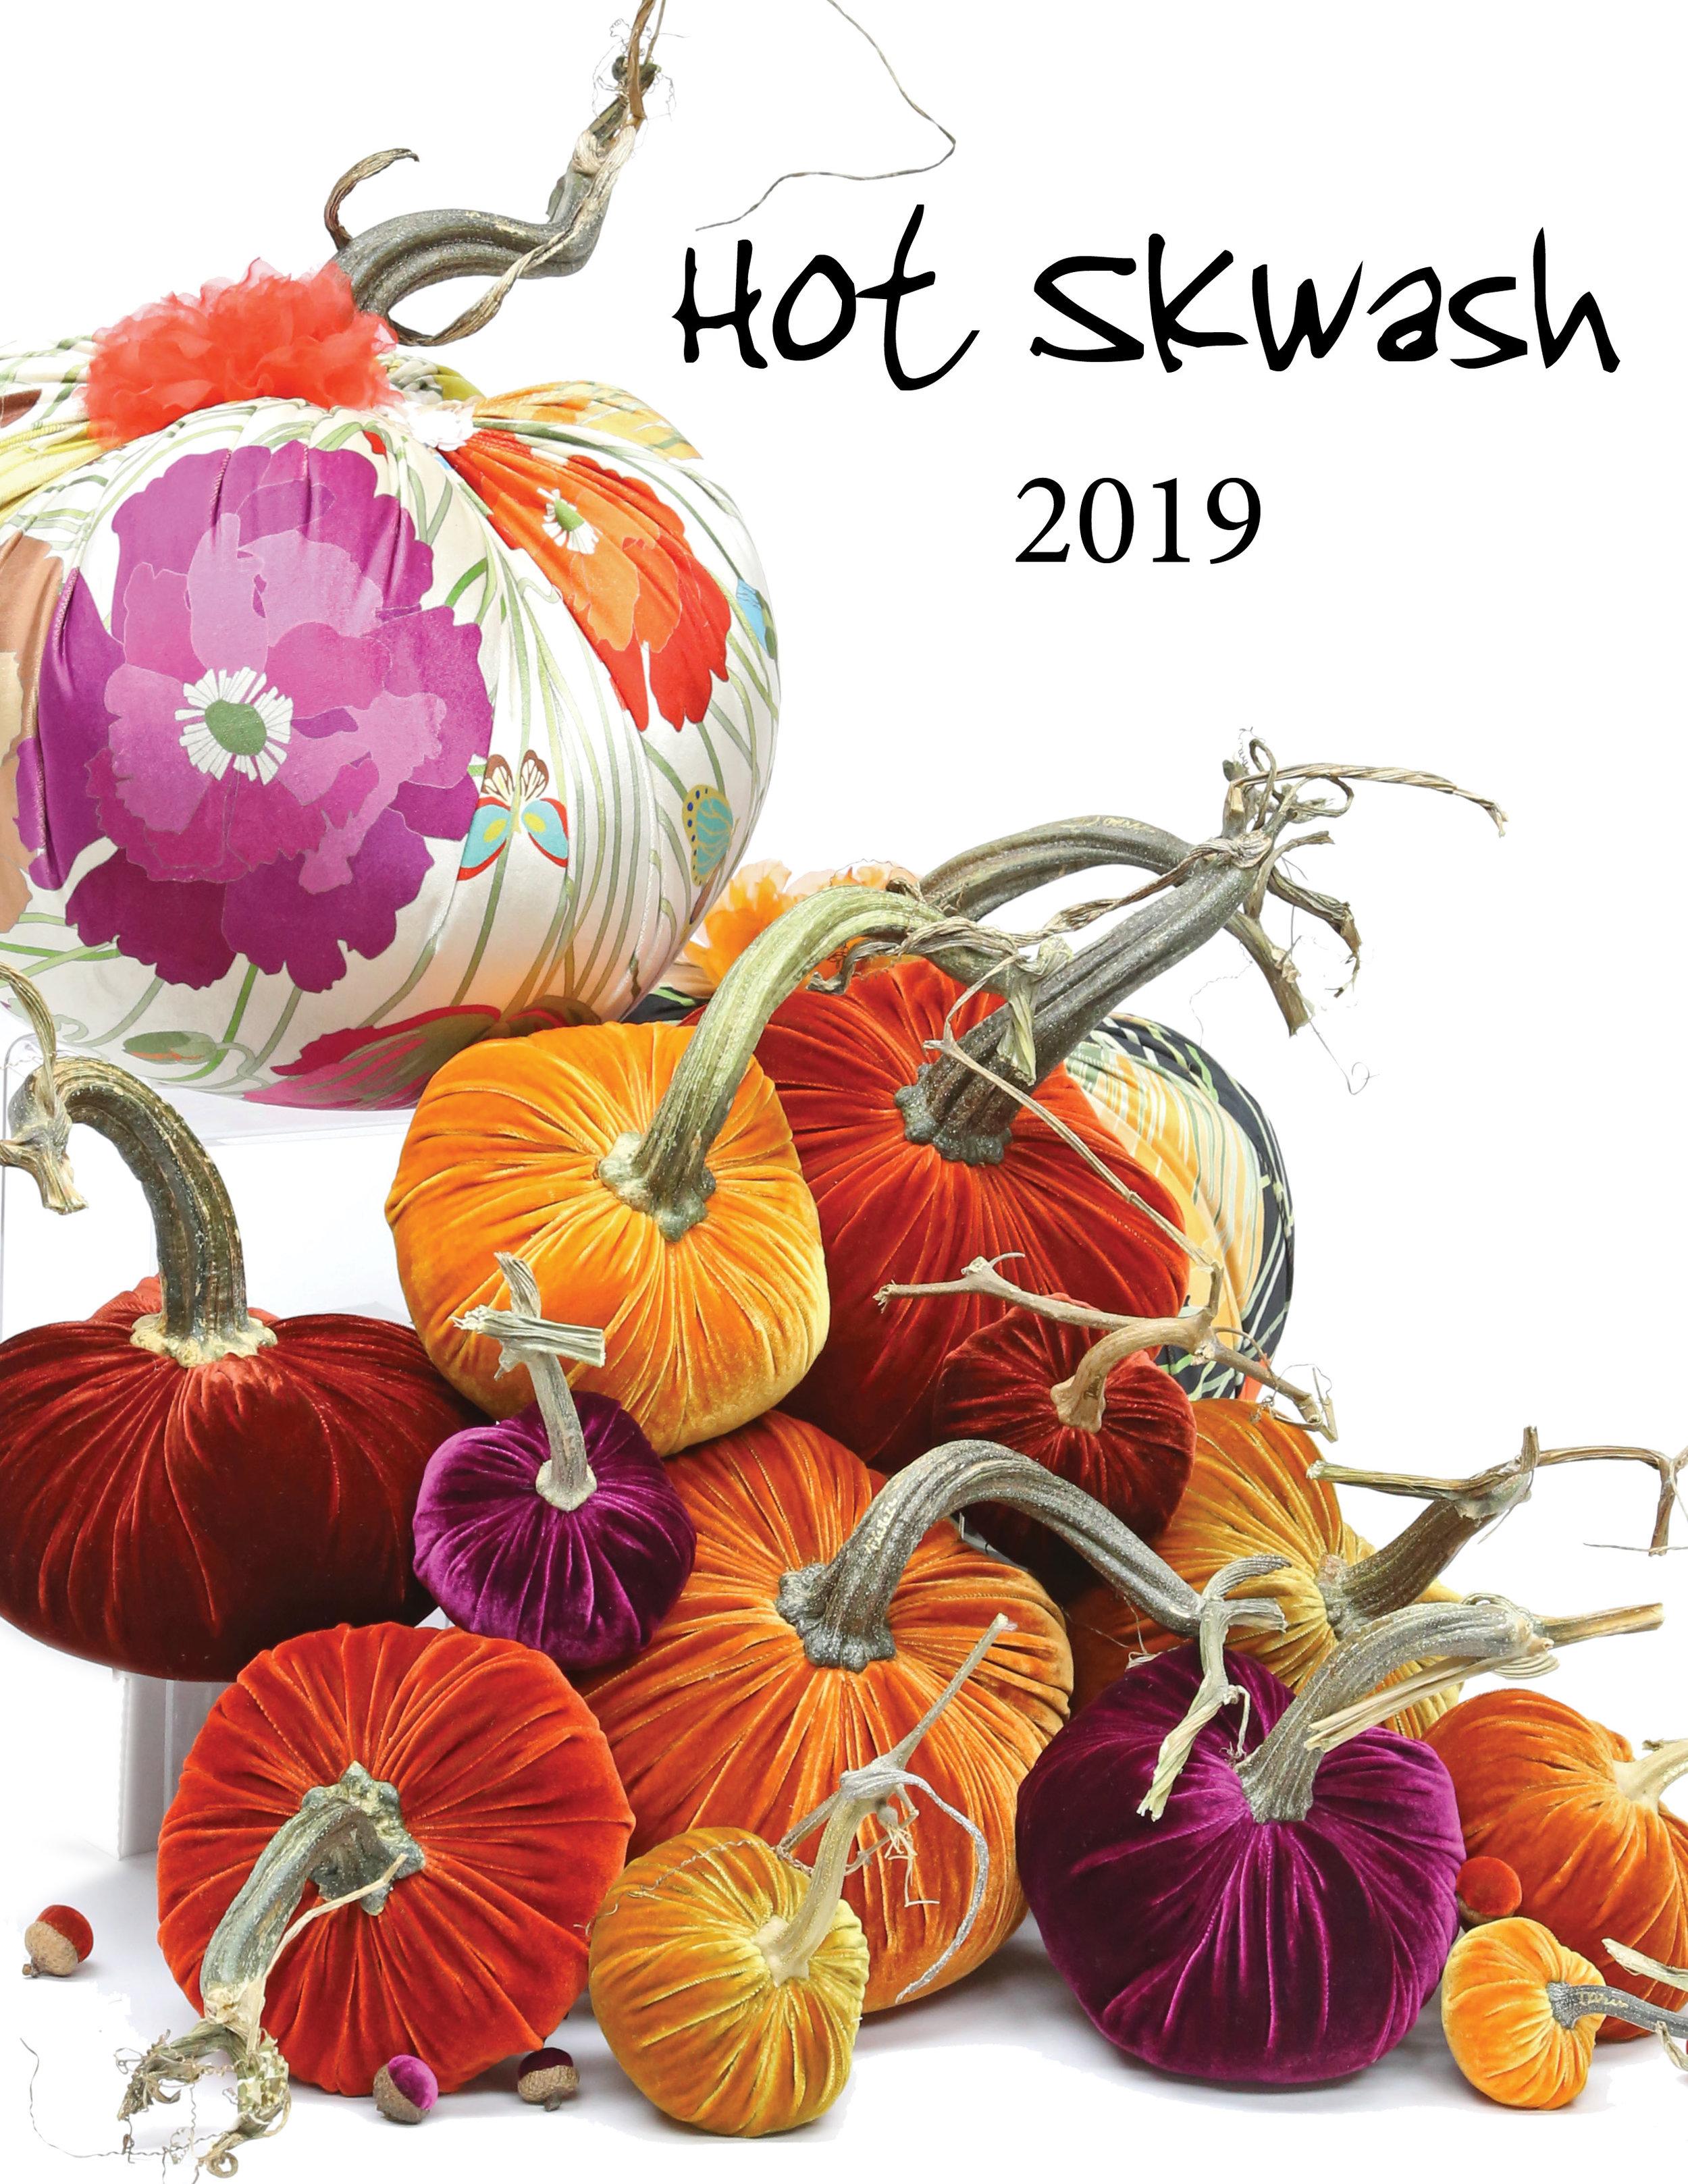 Hot Skwash catalog_12_28_18.jpg